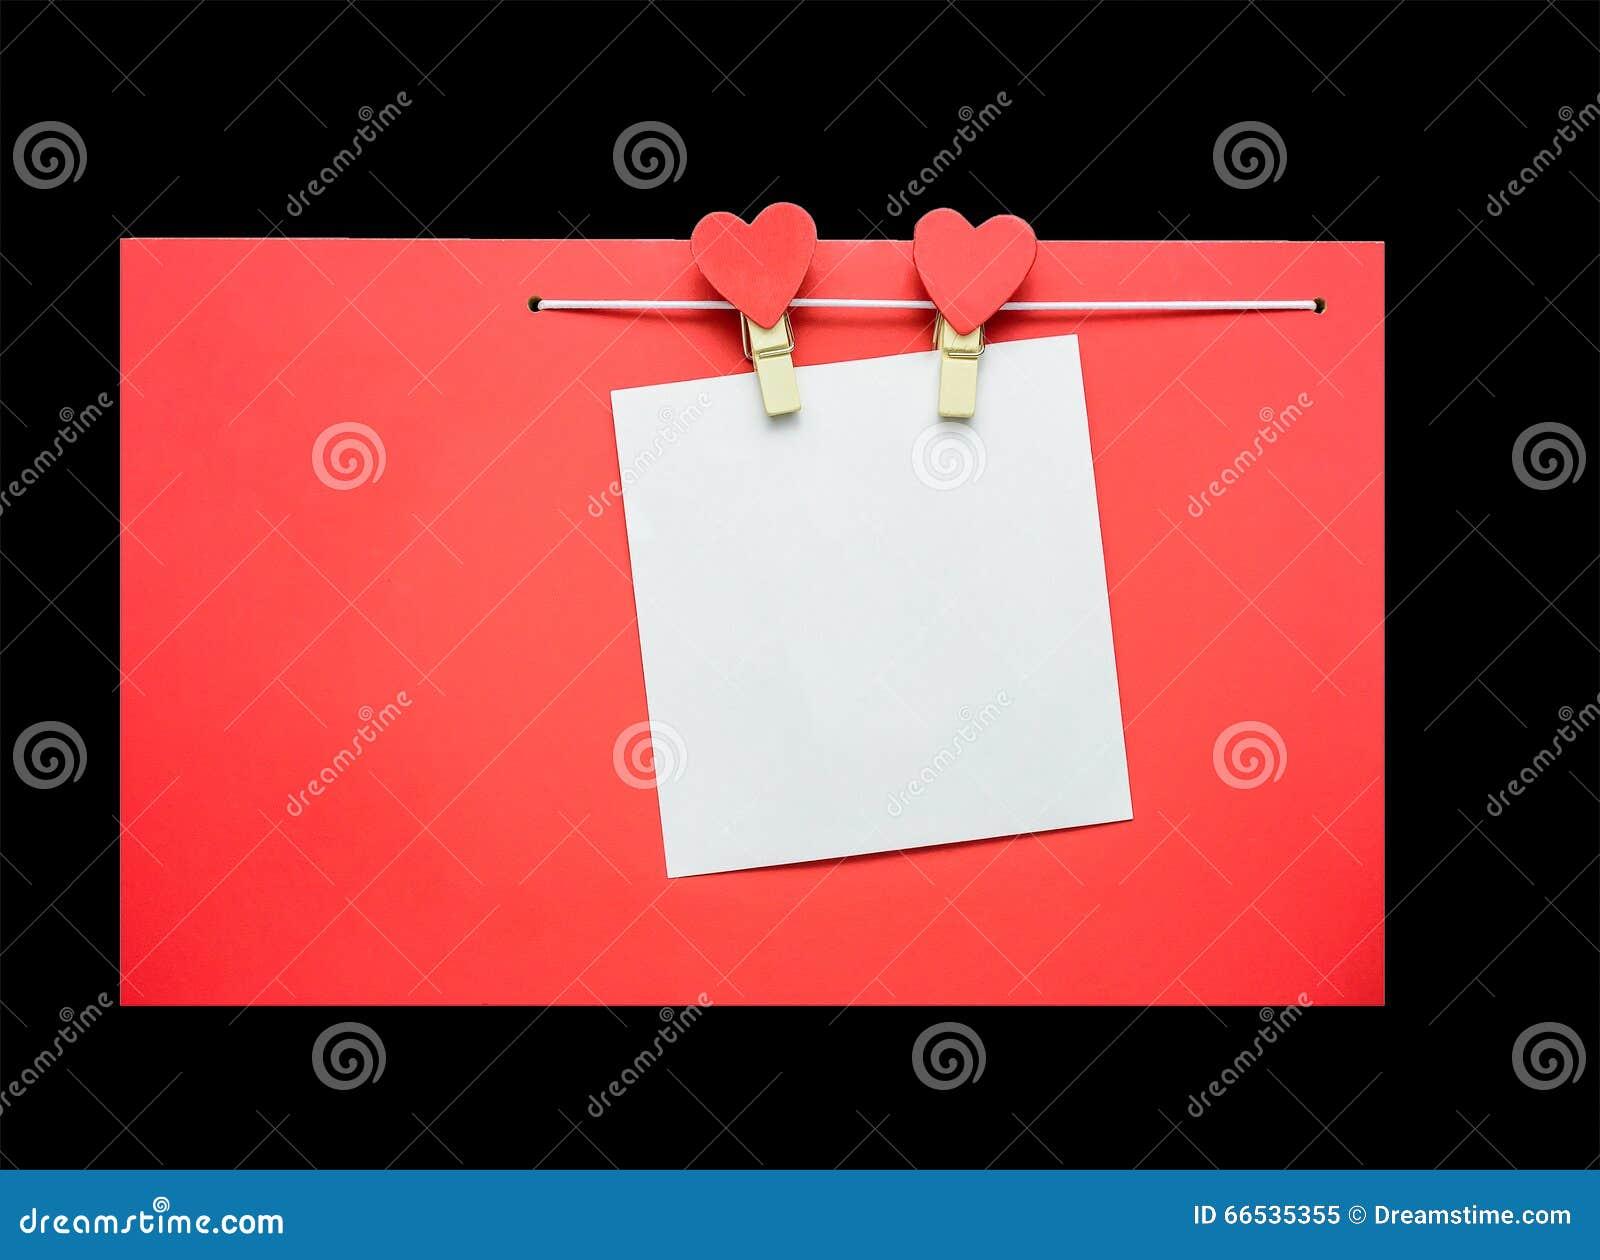 Красные сердца при зажимки для белья вися на веревке для белья изолированной на черной предпосылке